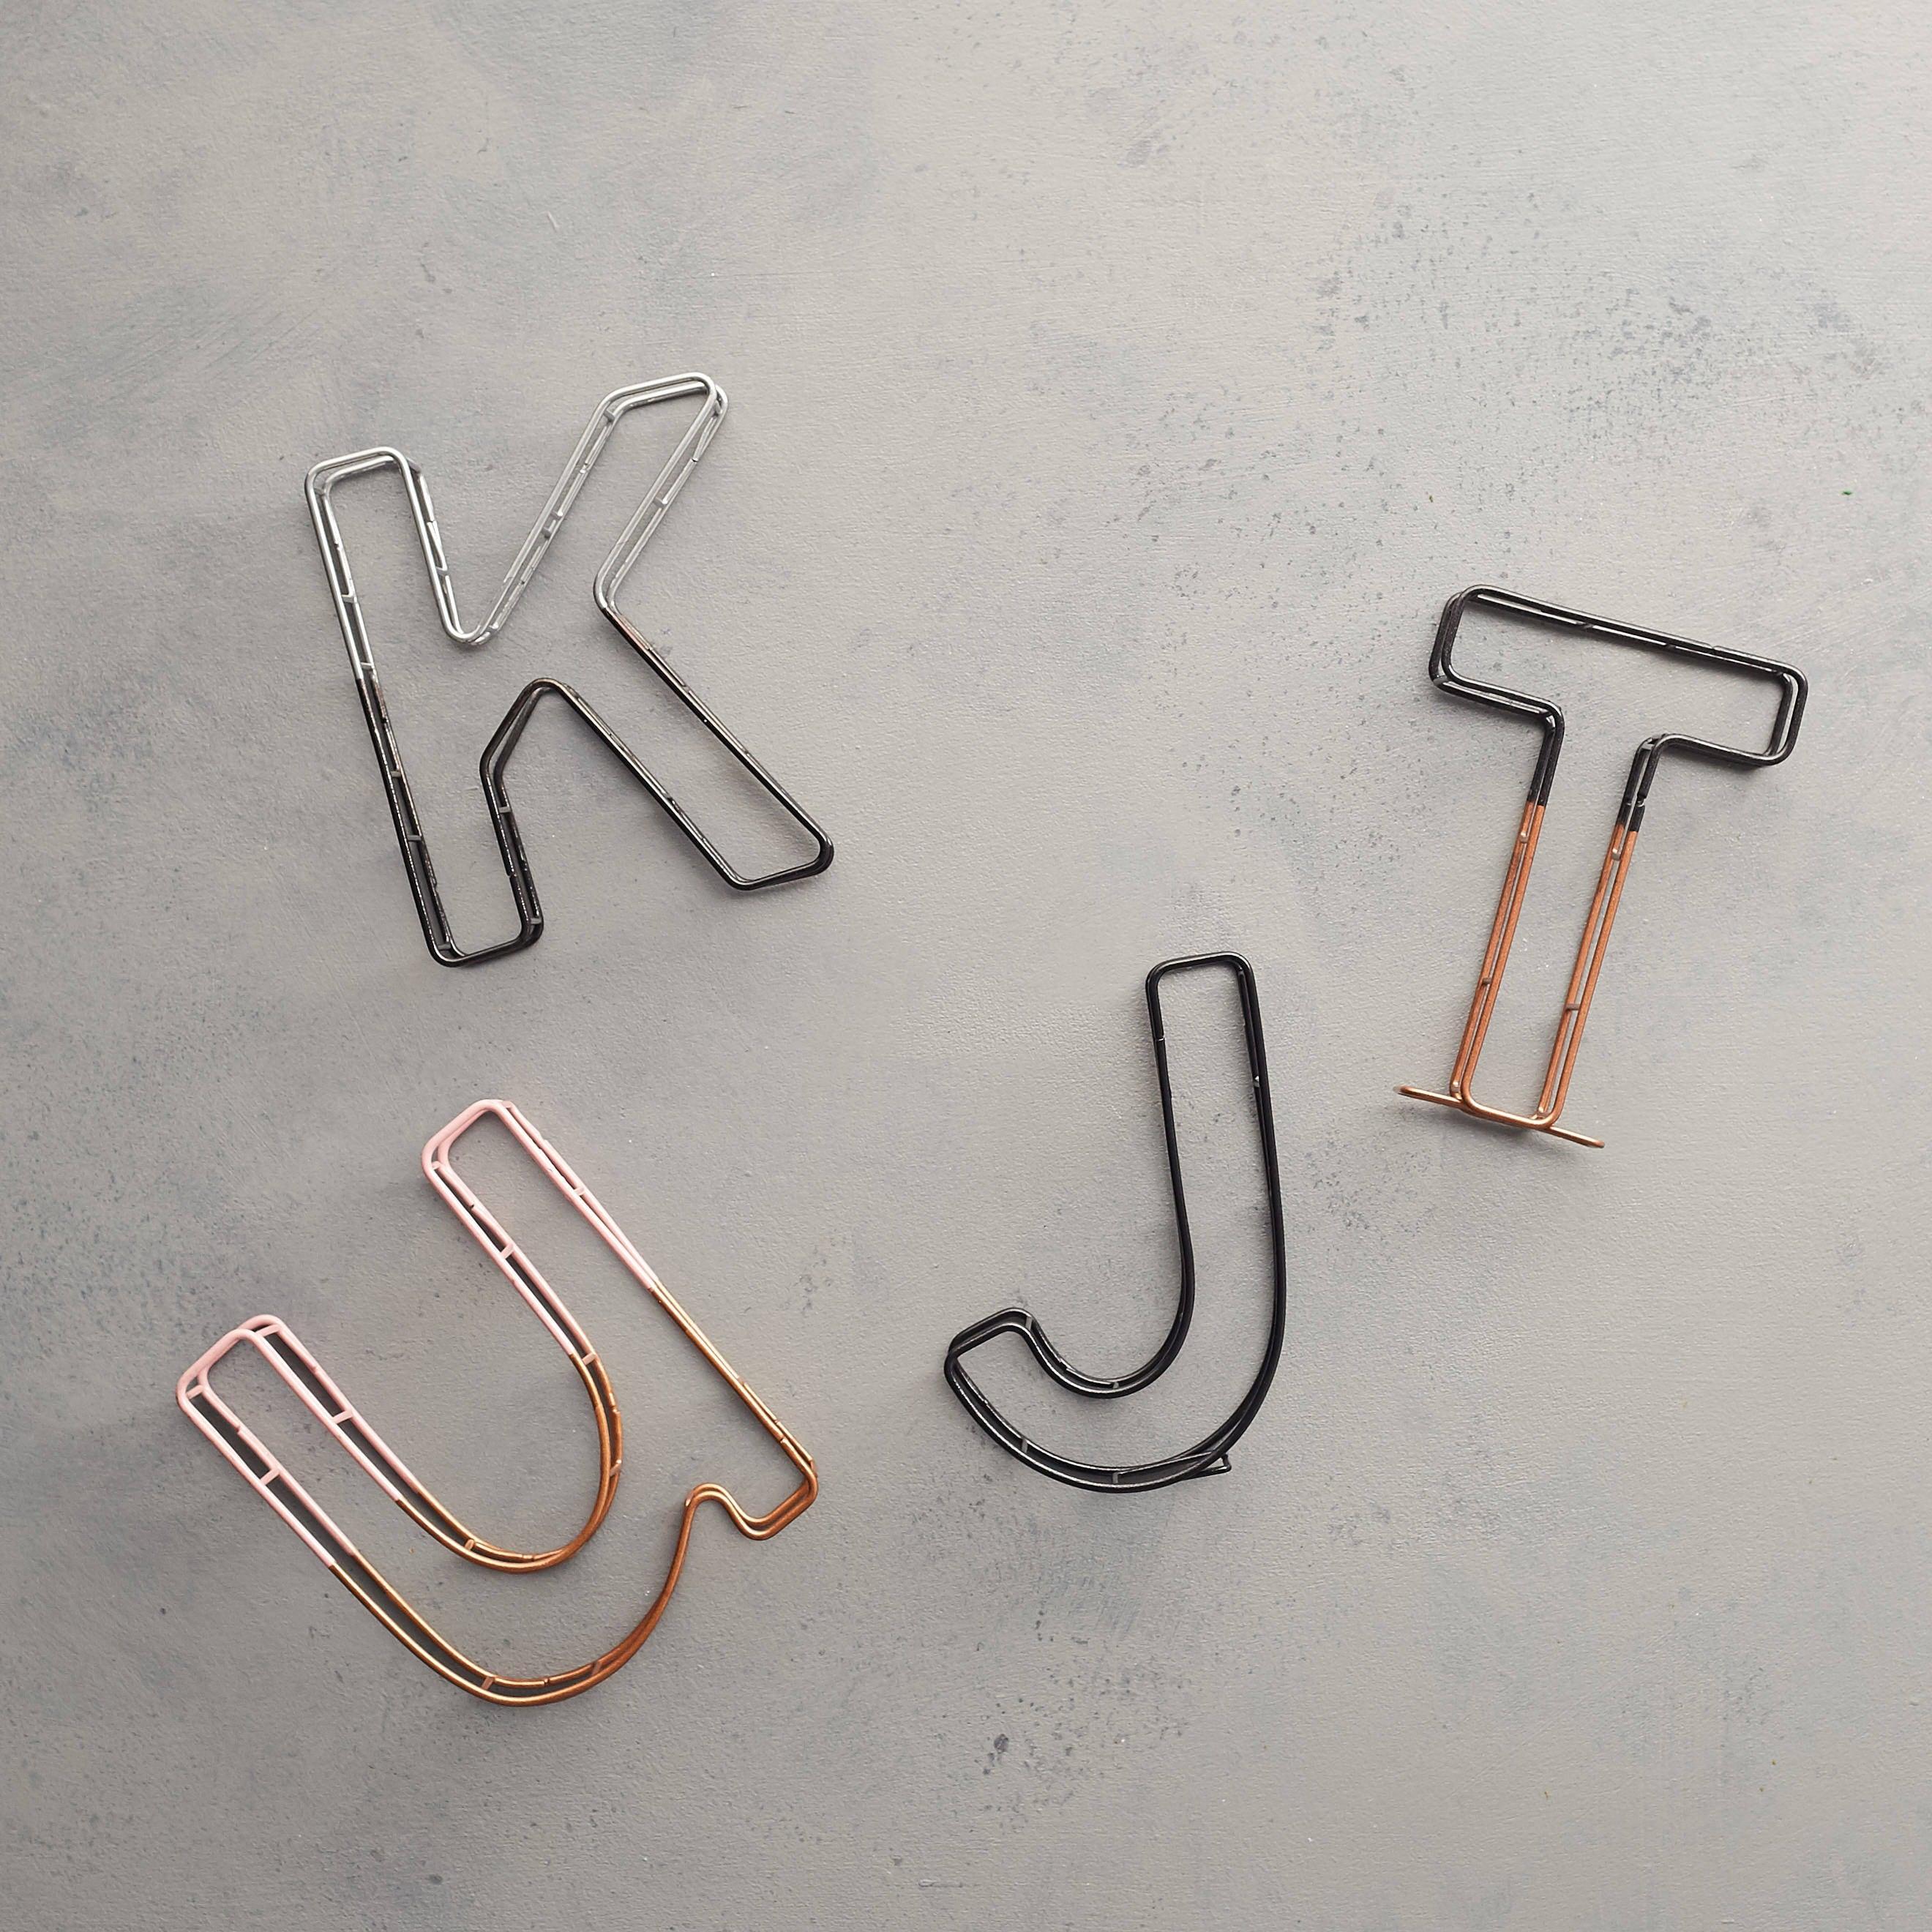 Tolle Draht Buchstaben Alphabet Ideen - Elektrische Schaltplan-Ideen ...